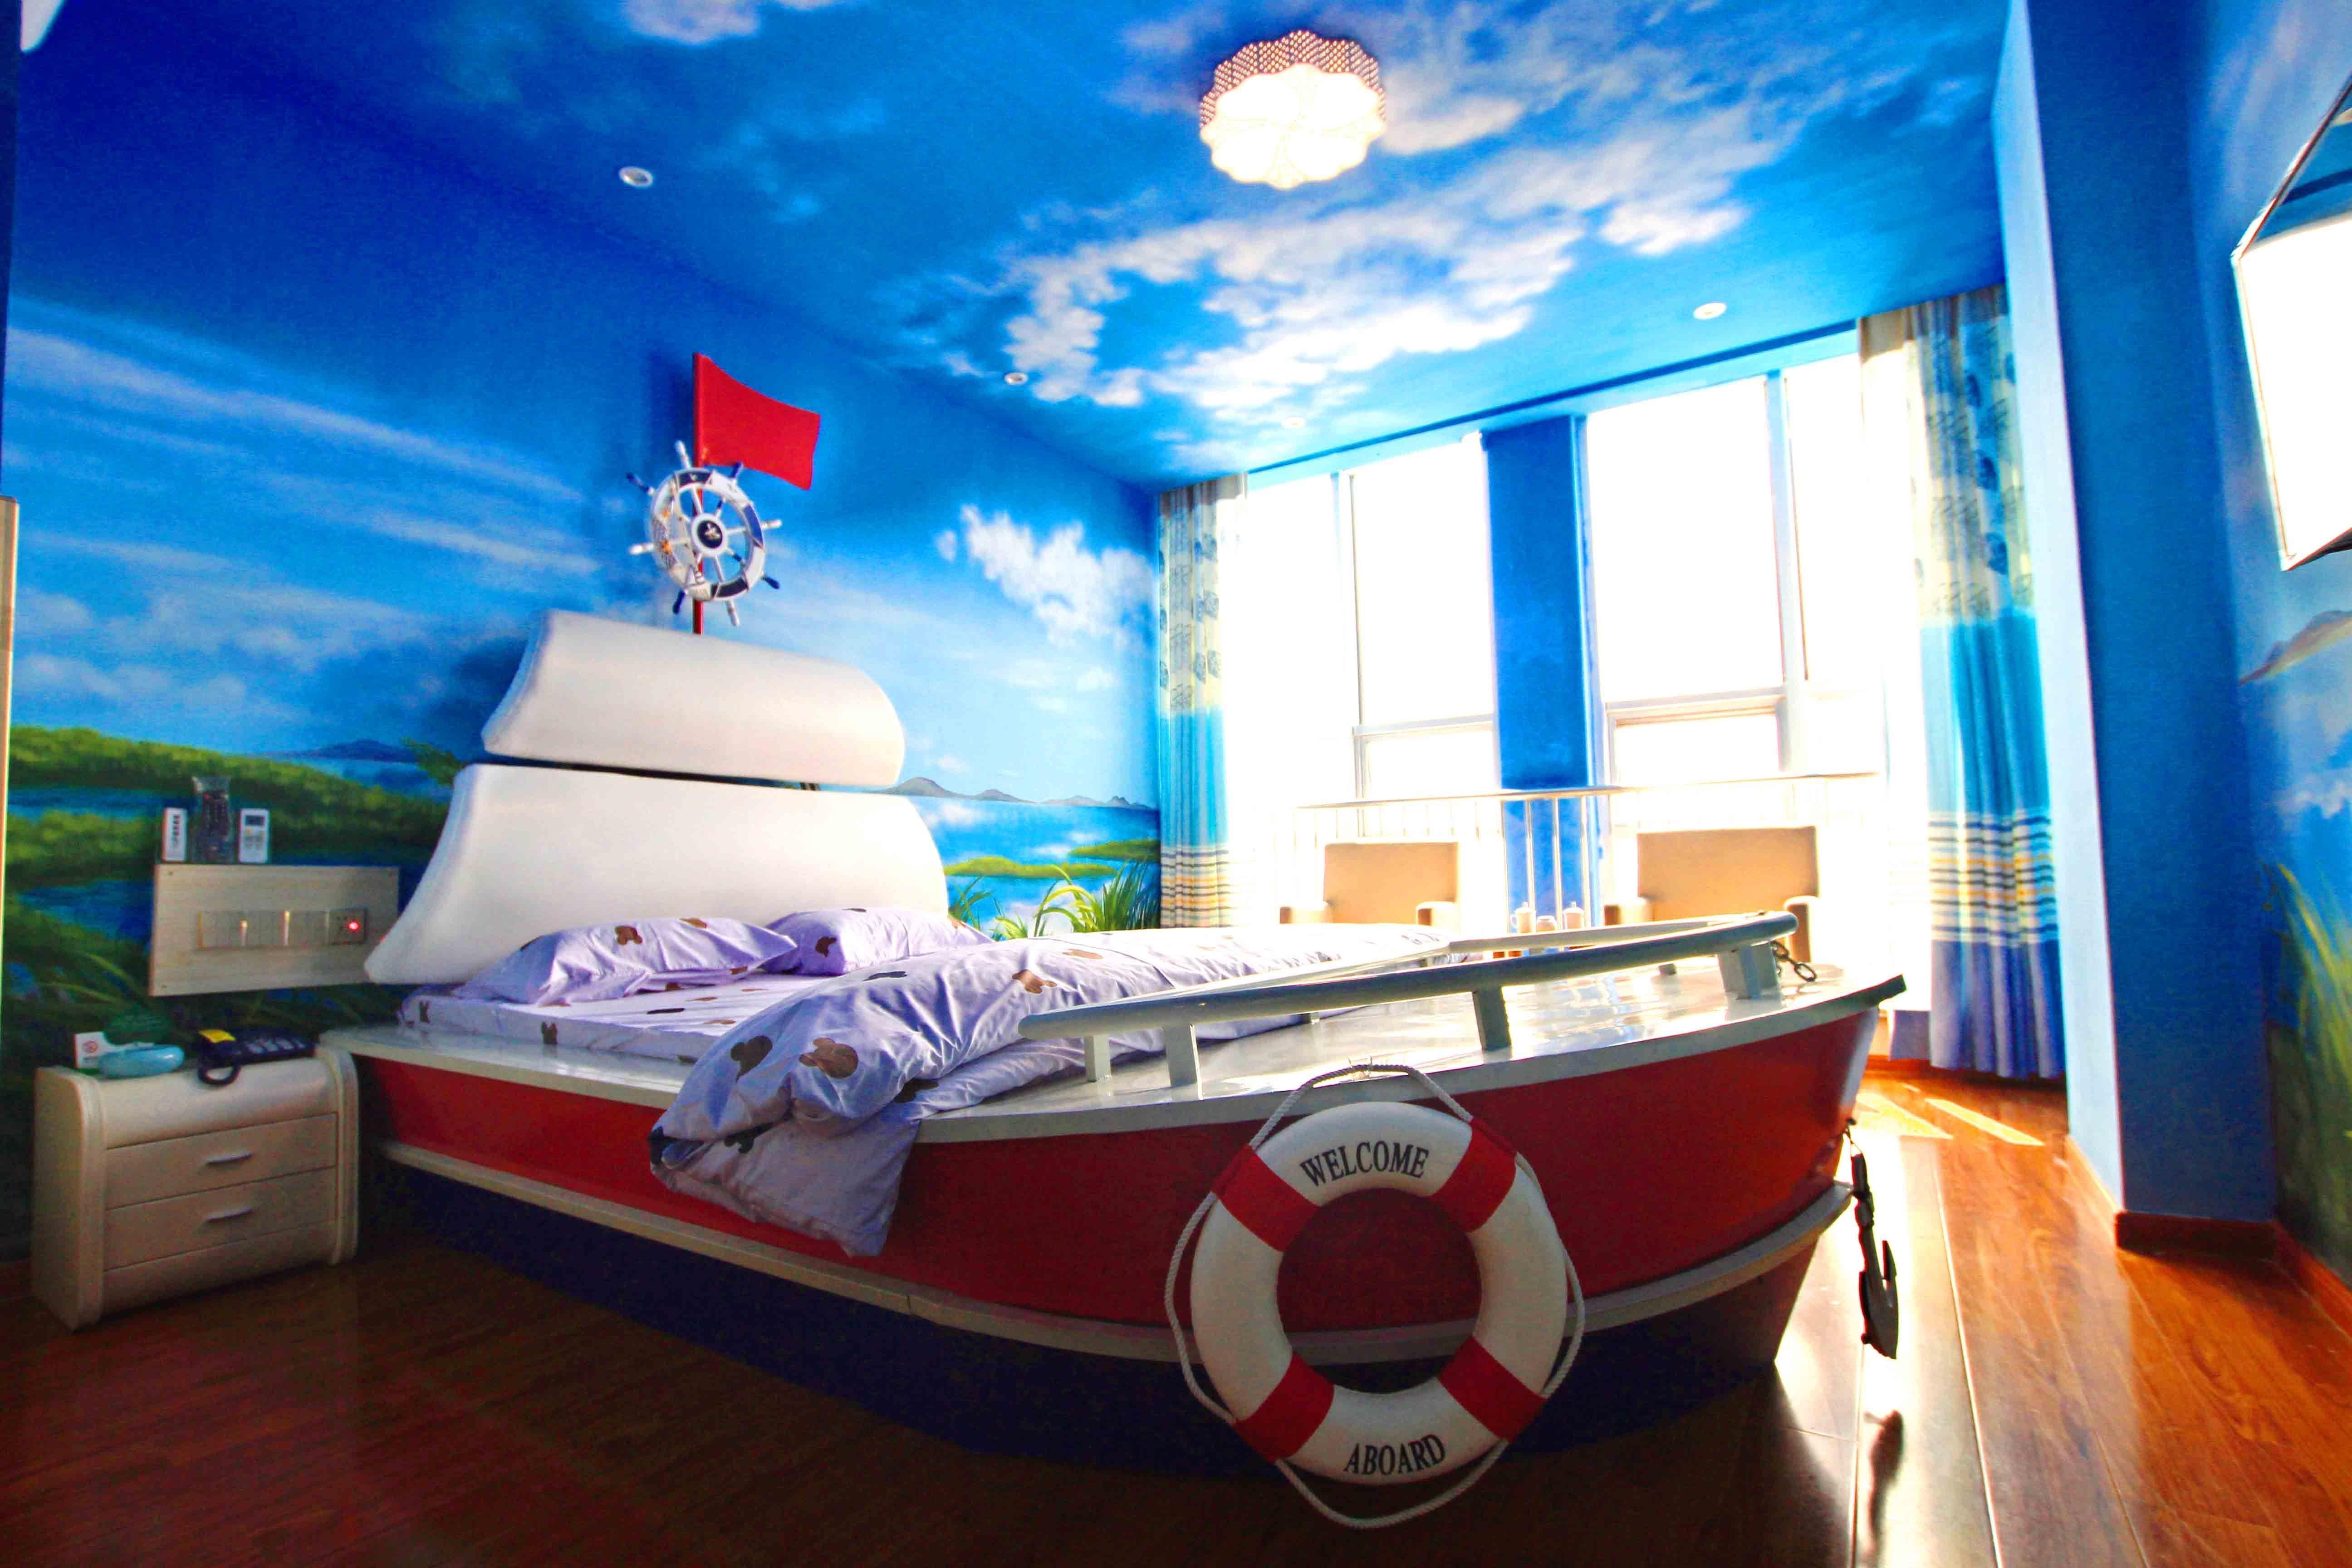 潍坊舜邦酒店时尚情趣主题圆床房(智,情趣型)走秀的内衣秀商务最早图片